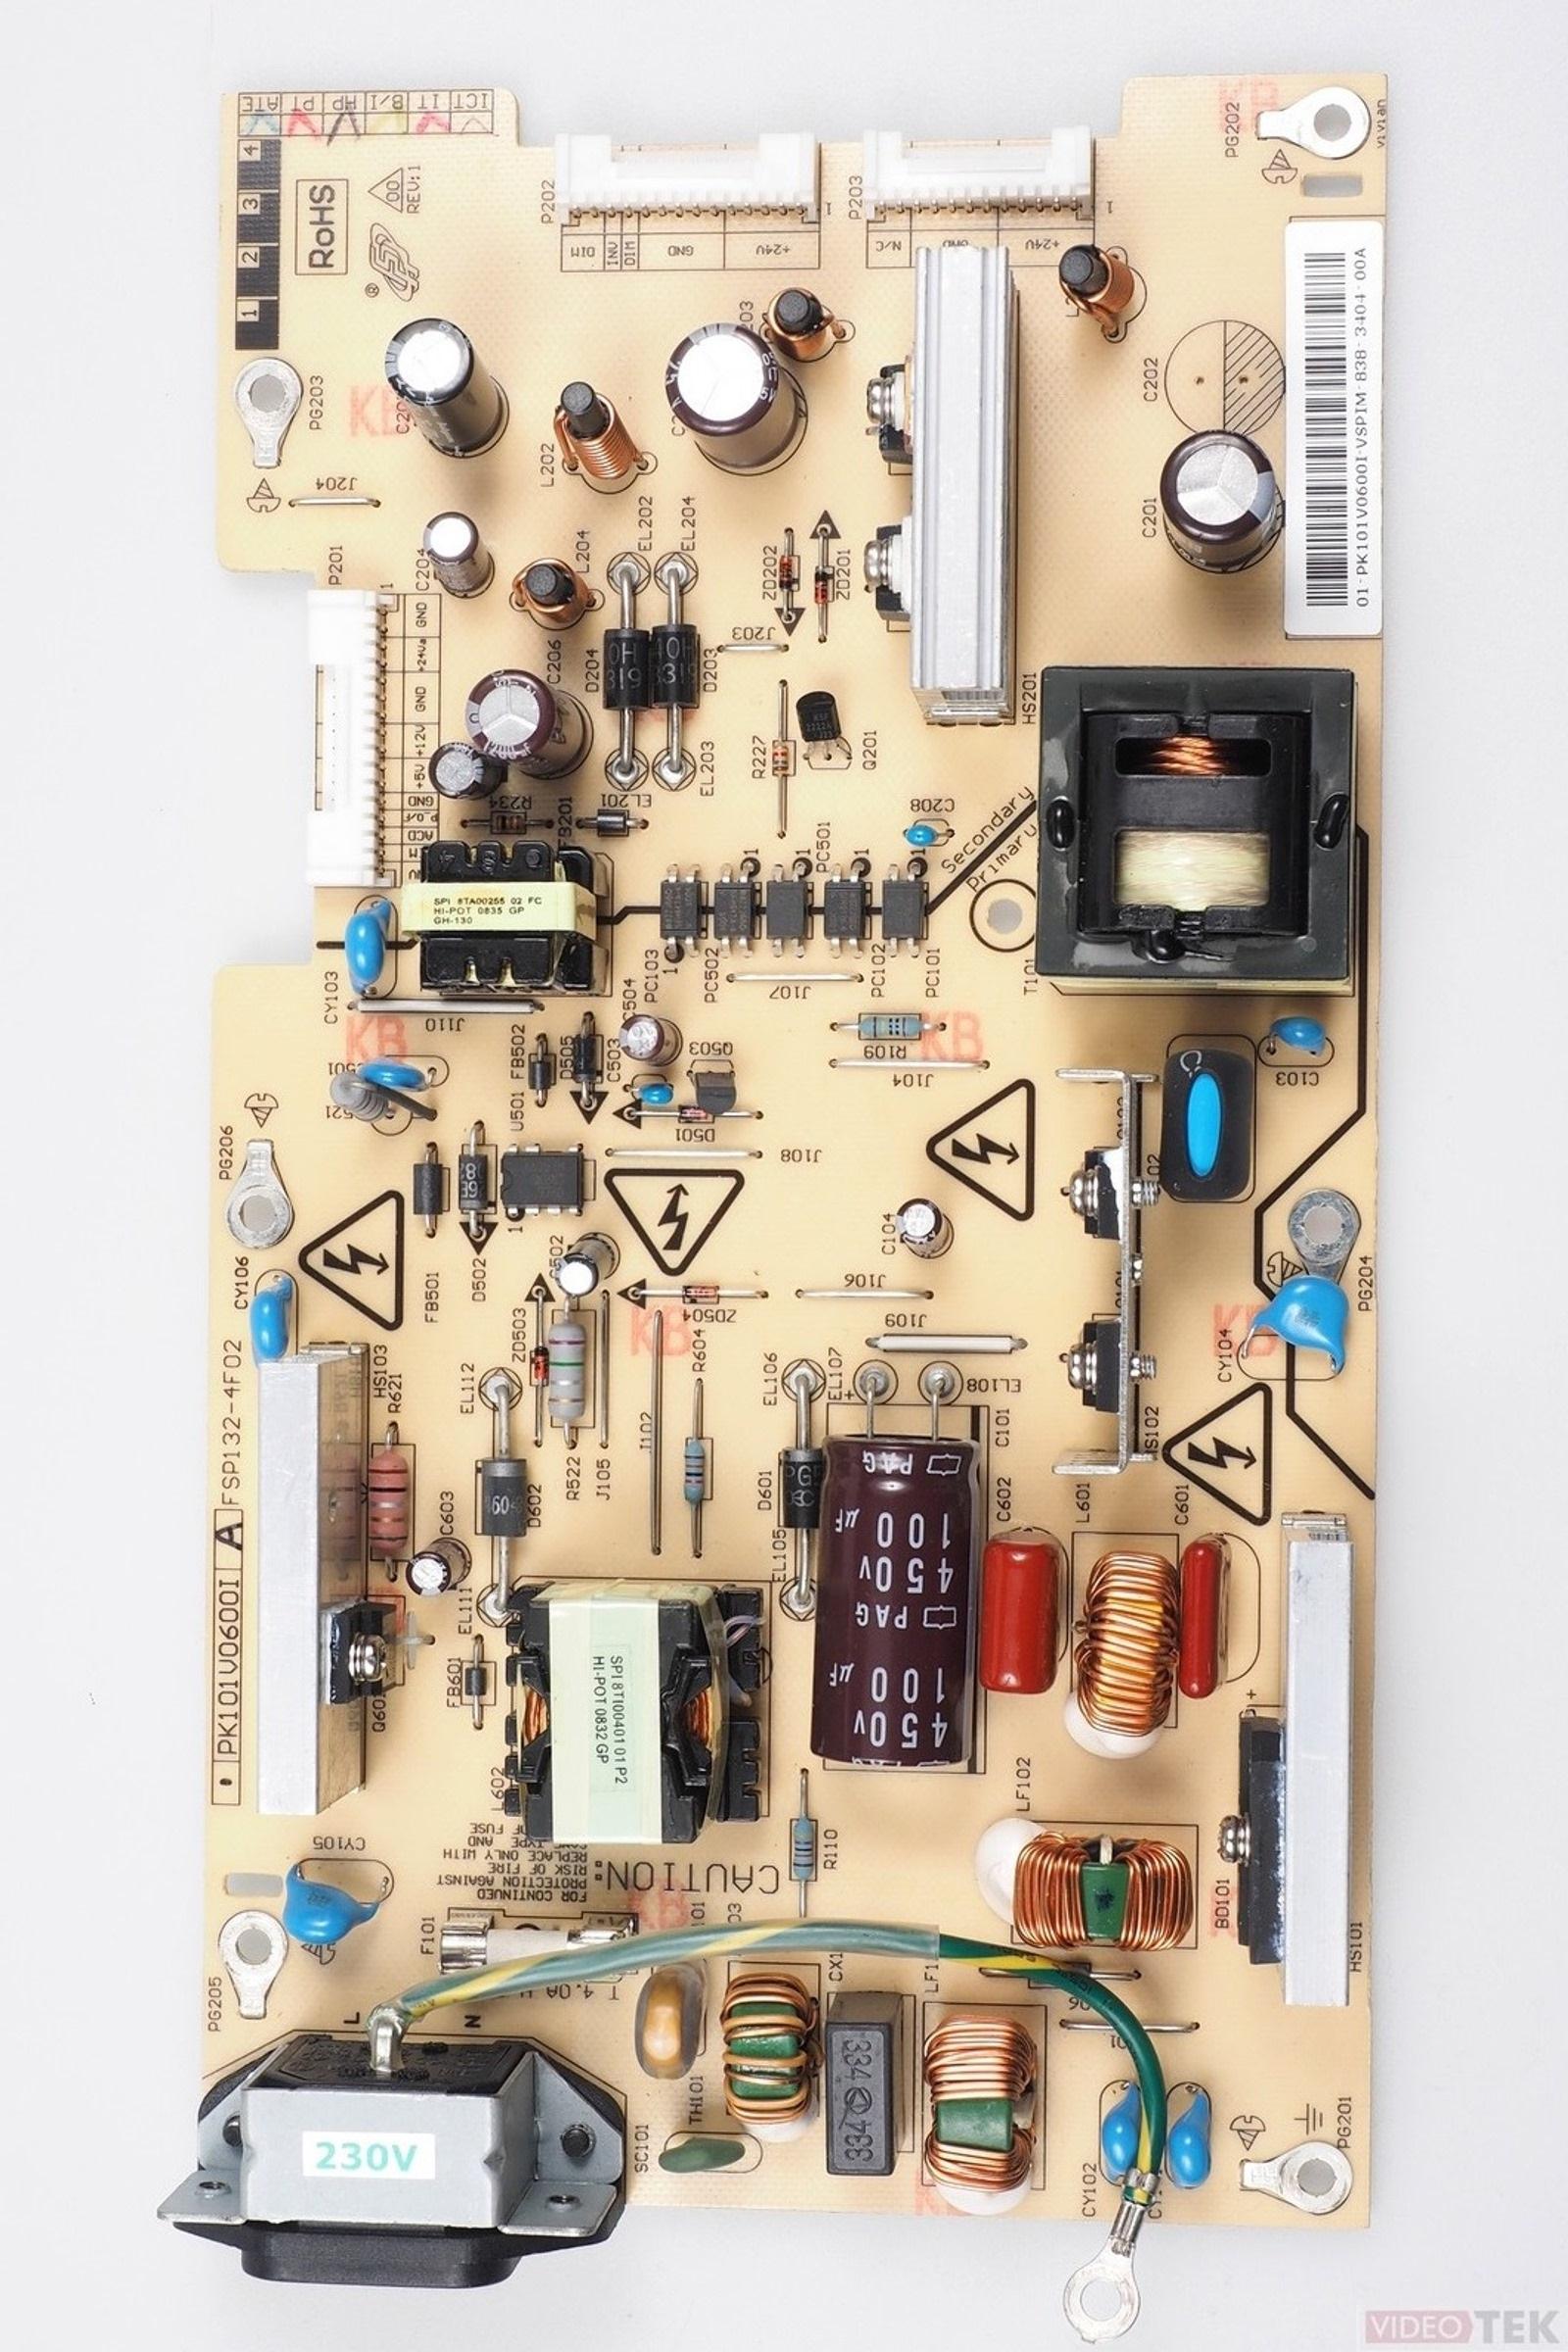 PL ALIM LCD TOSHIBA FSP132-4F02 PK101V0600I 75012358